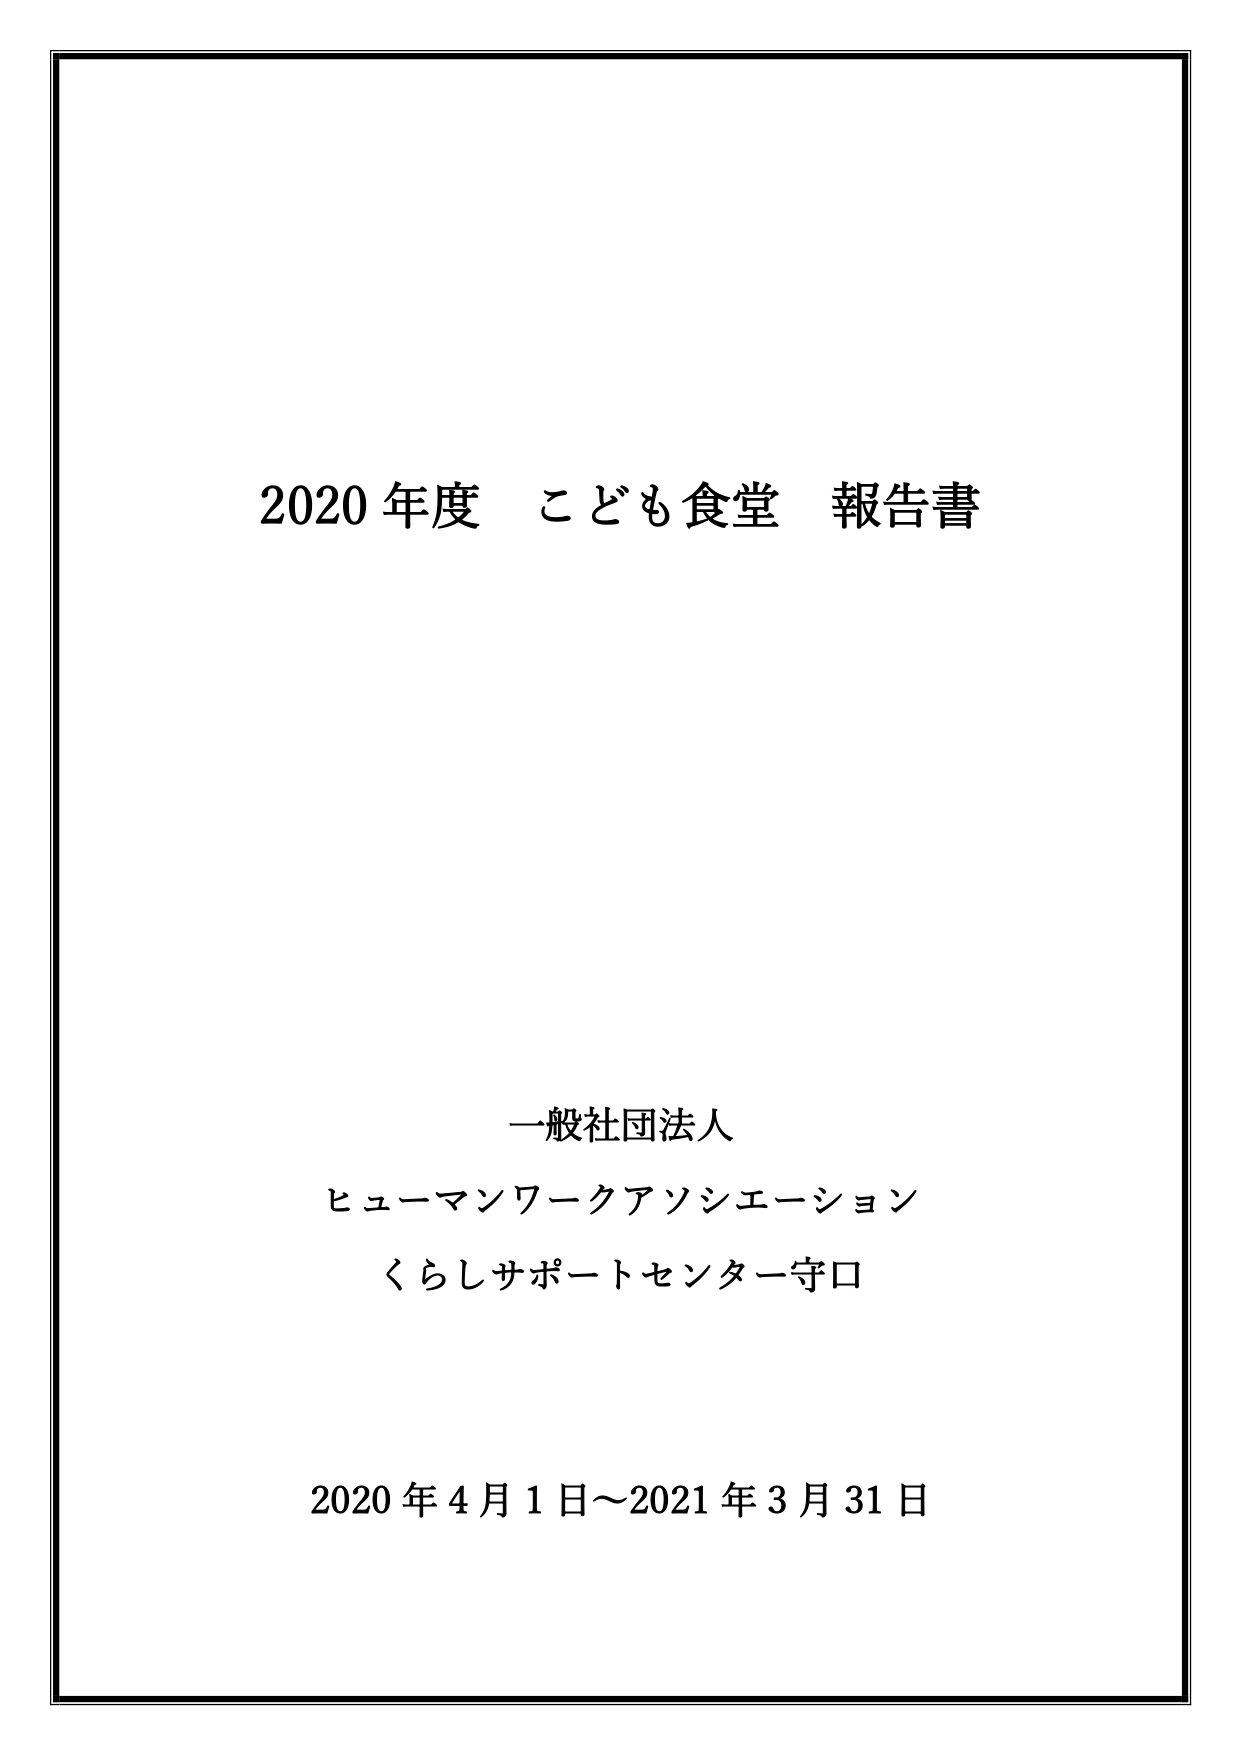 2020年度こども食堂報告書_page-0001.jpg